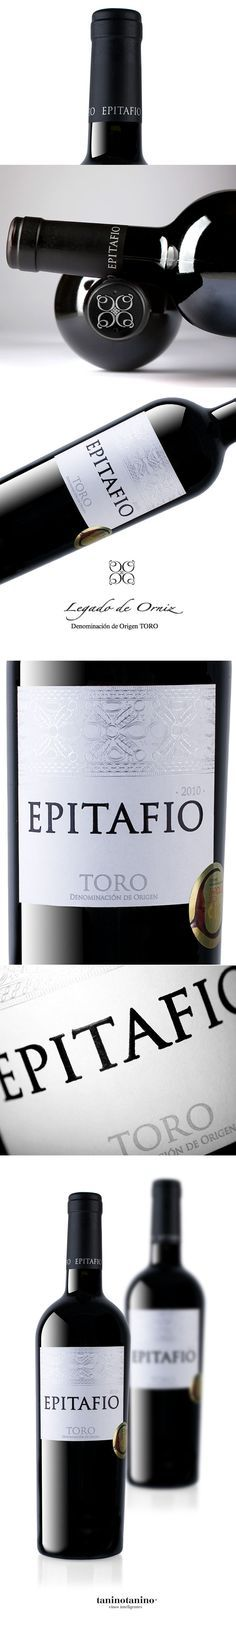 EPITAFIO 2010 BODEGA LEGADO DE ORNIZ D.O. TORO http://www.vinetur.com/posts/1272-epitafio-2010-bodega-legado-de-orniz-d-o-toro.html